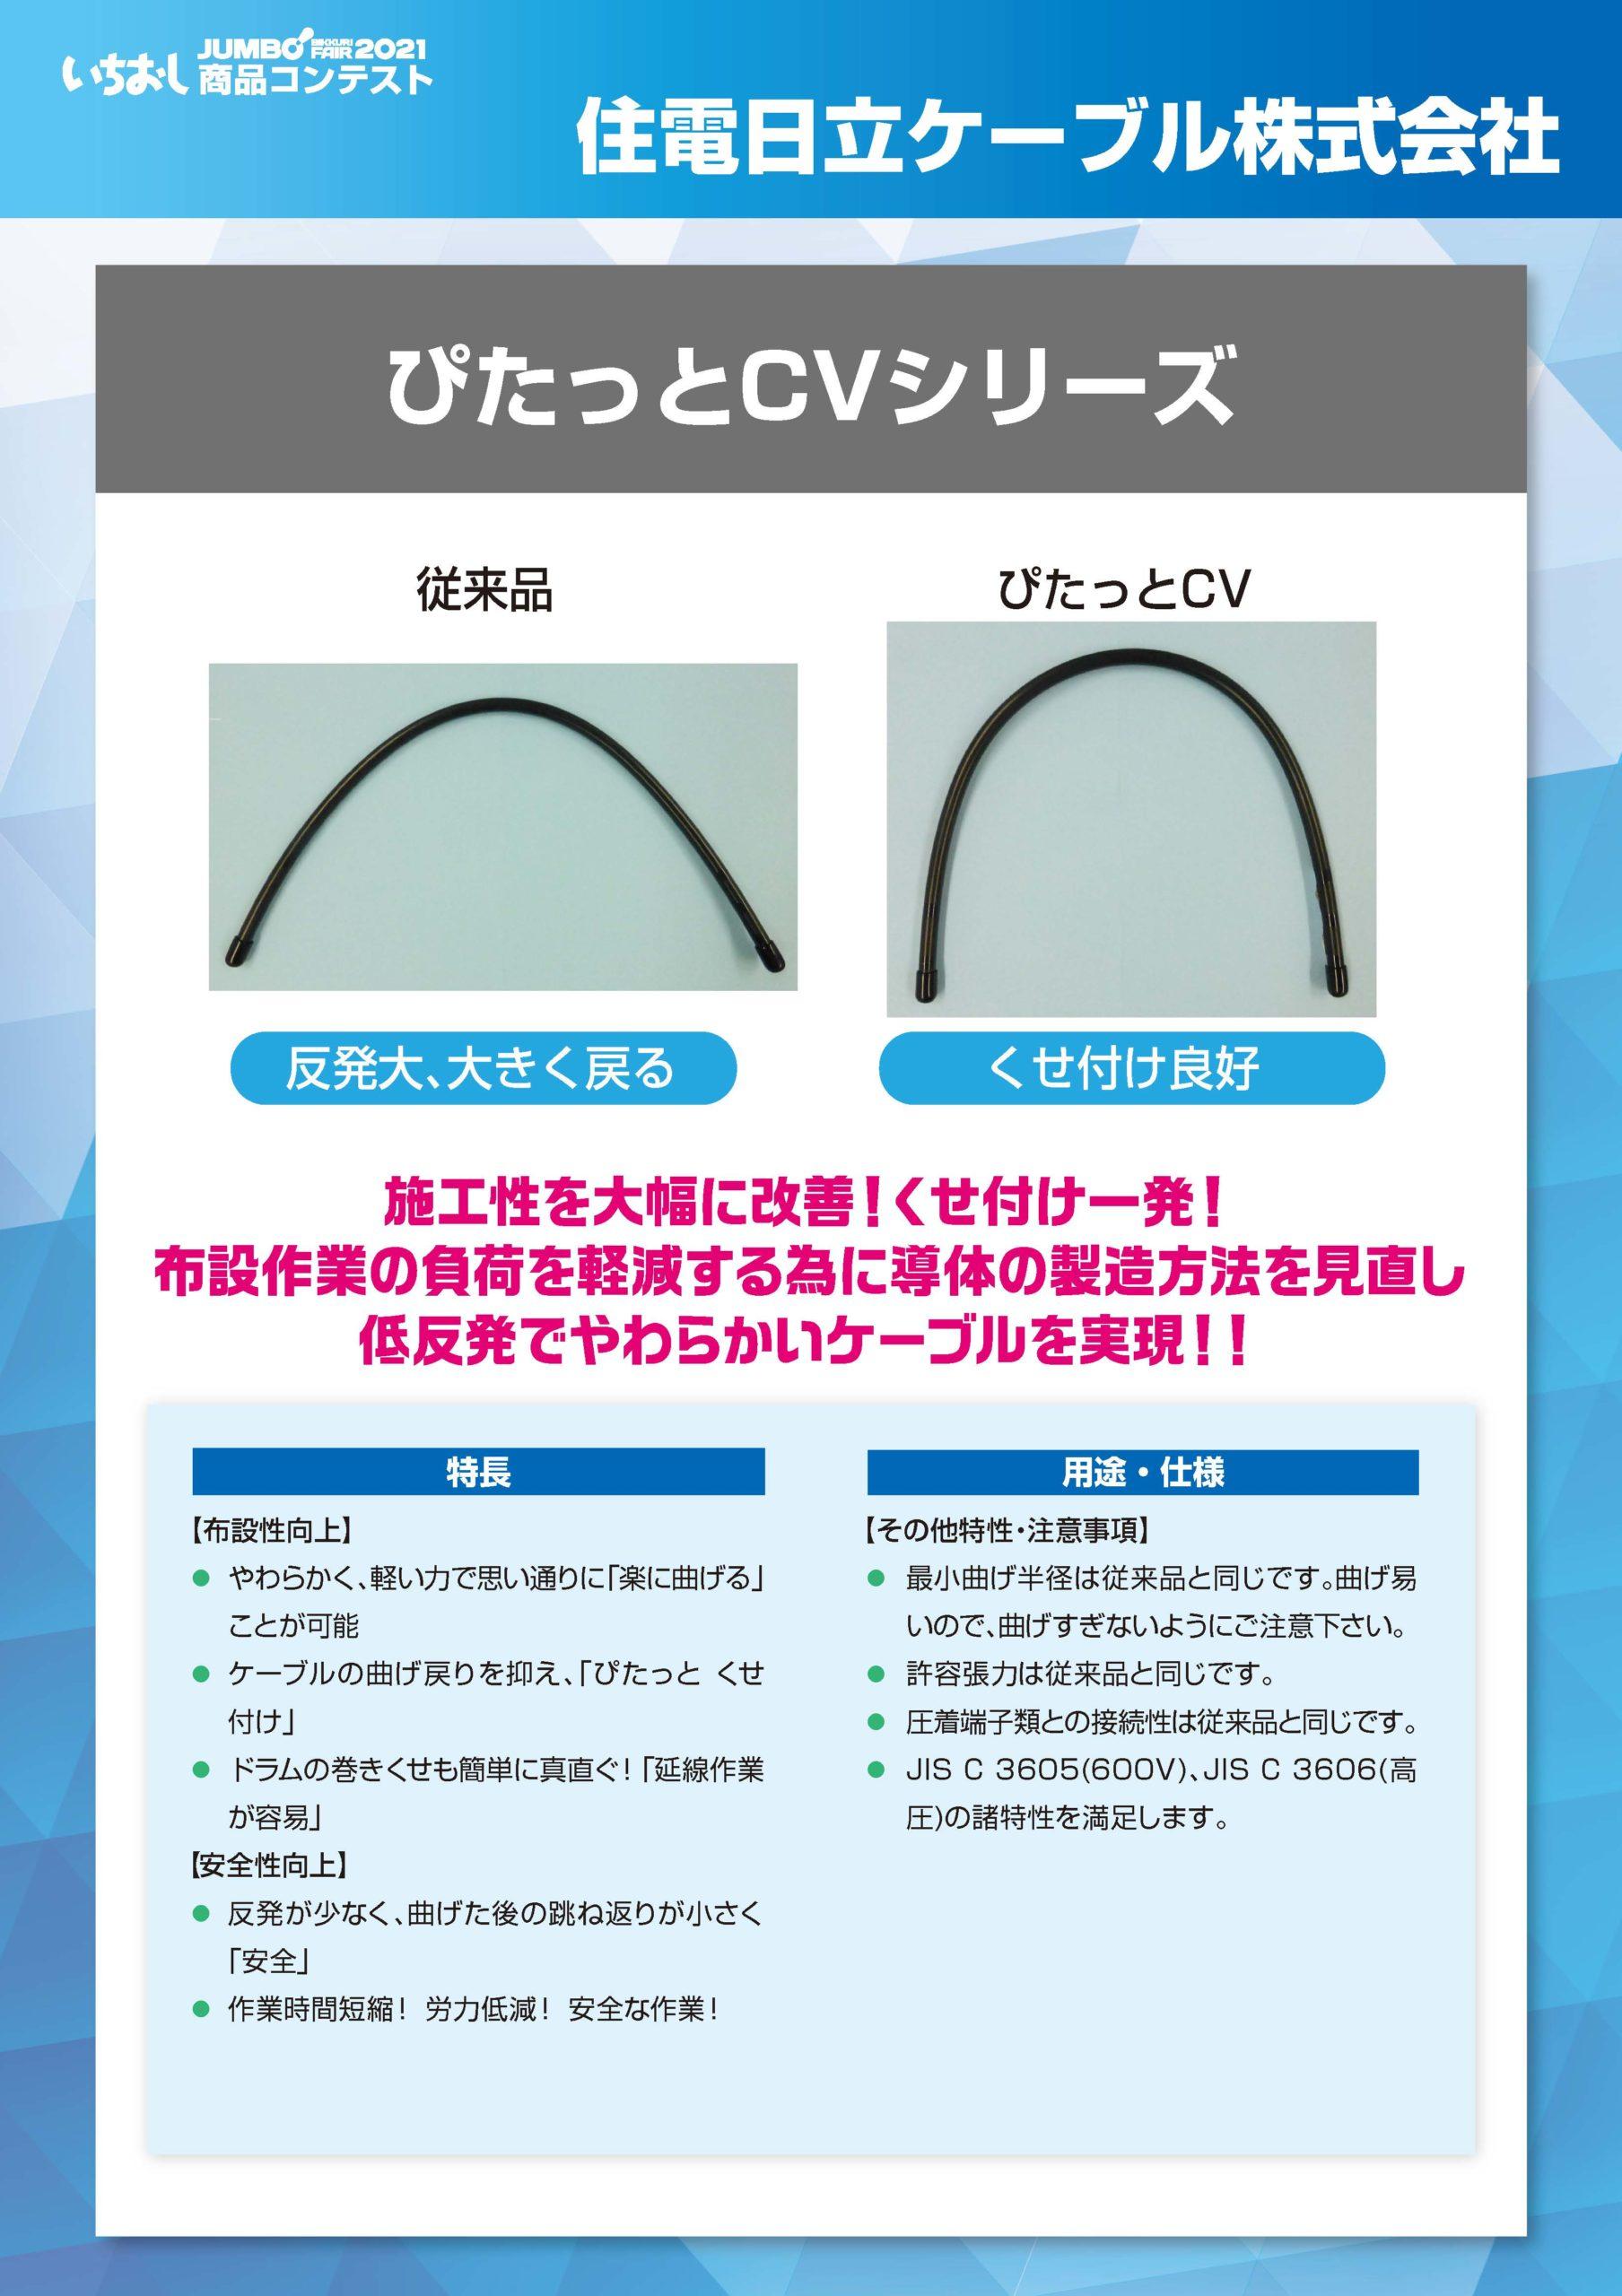 「ぴたっとCVシリーズ」住電日立ケーブル株式会社の画像